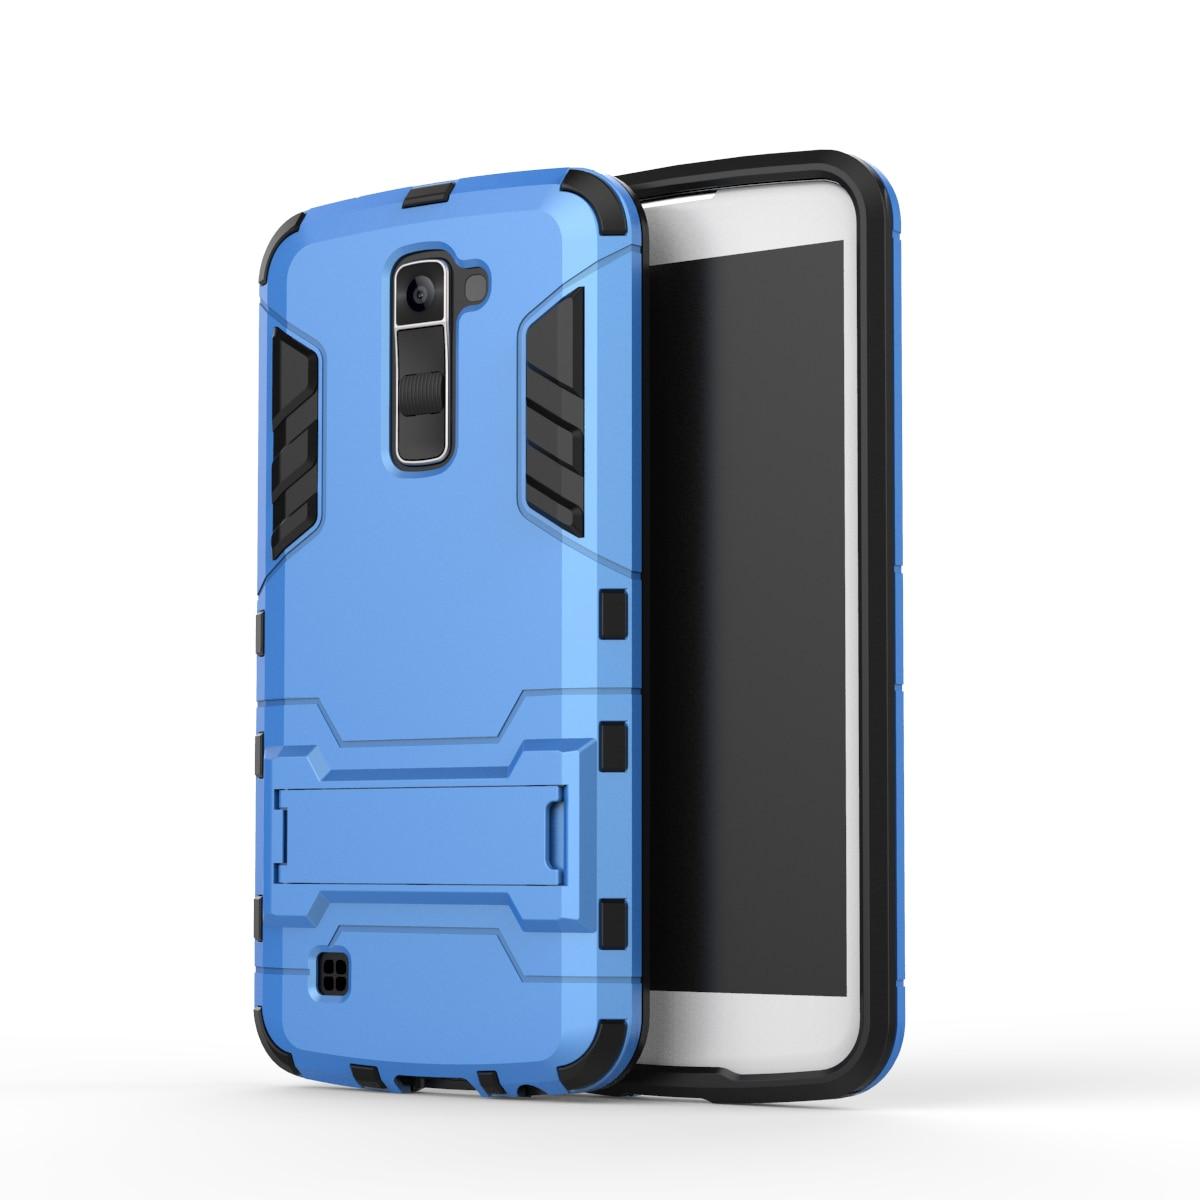 for LG K10 K 10 Lte K430 K 430 430ds ds K430DSY Case Phone 2 in 1 + stent Cover for LGK10 LGK430 K420N K 420 420n n K410 K420NM